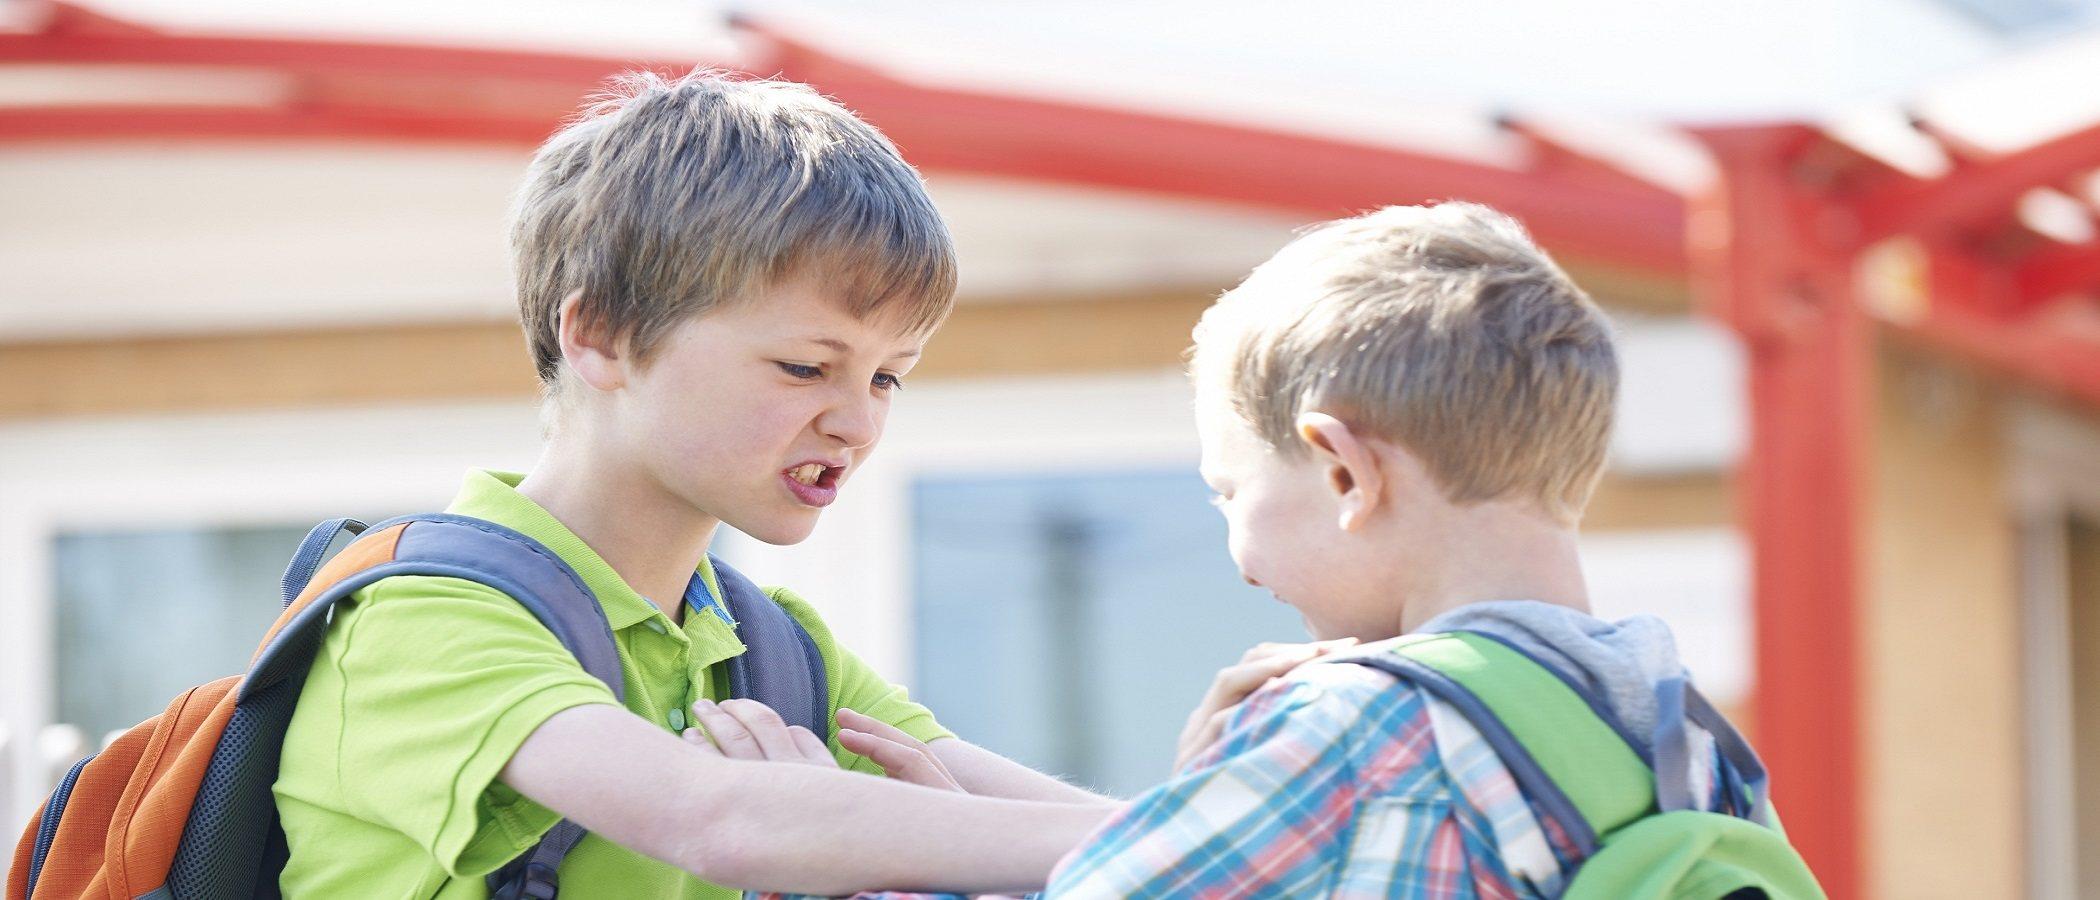 Señales tempranas de que un niño se puede volver violento